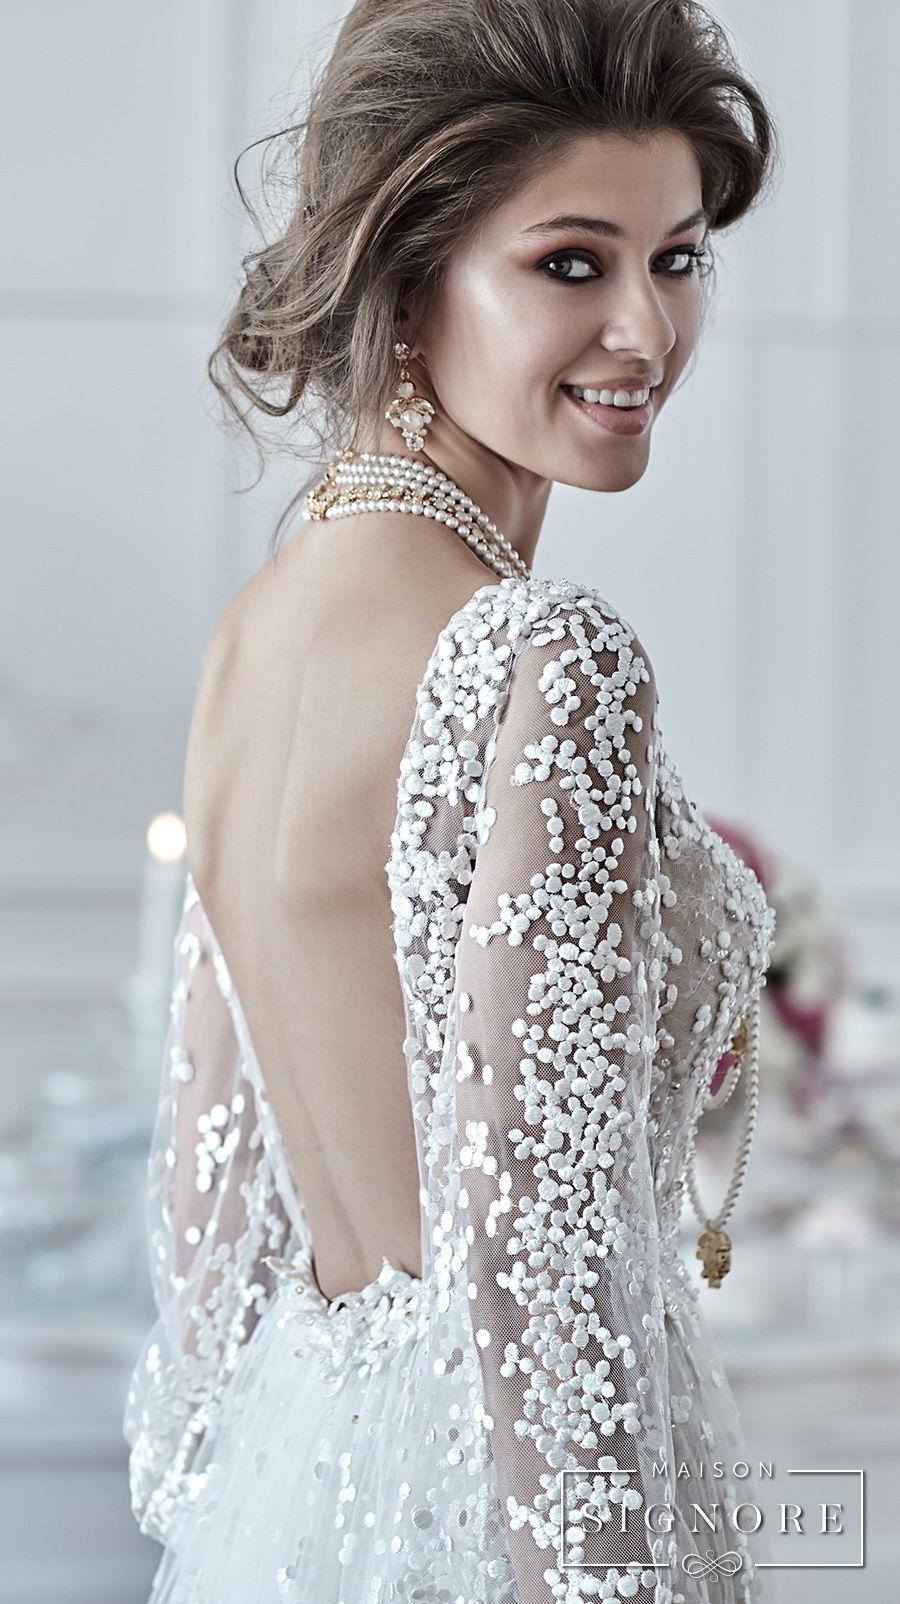 maison signore 2018 bridal long sleeves v neck full embellishment elegant a line wedding dress open back sweep train (drusilla) zbv